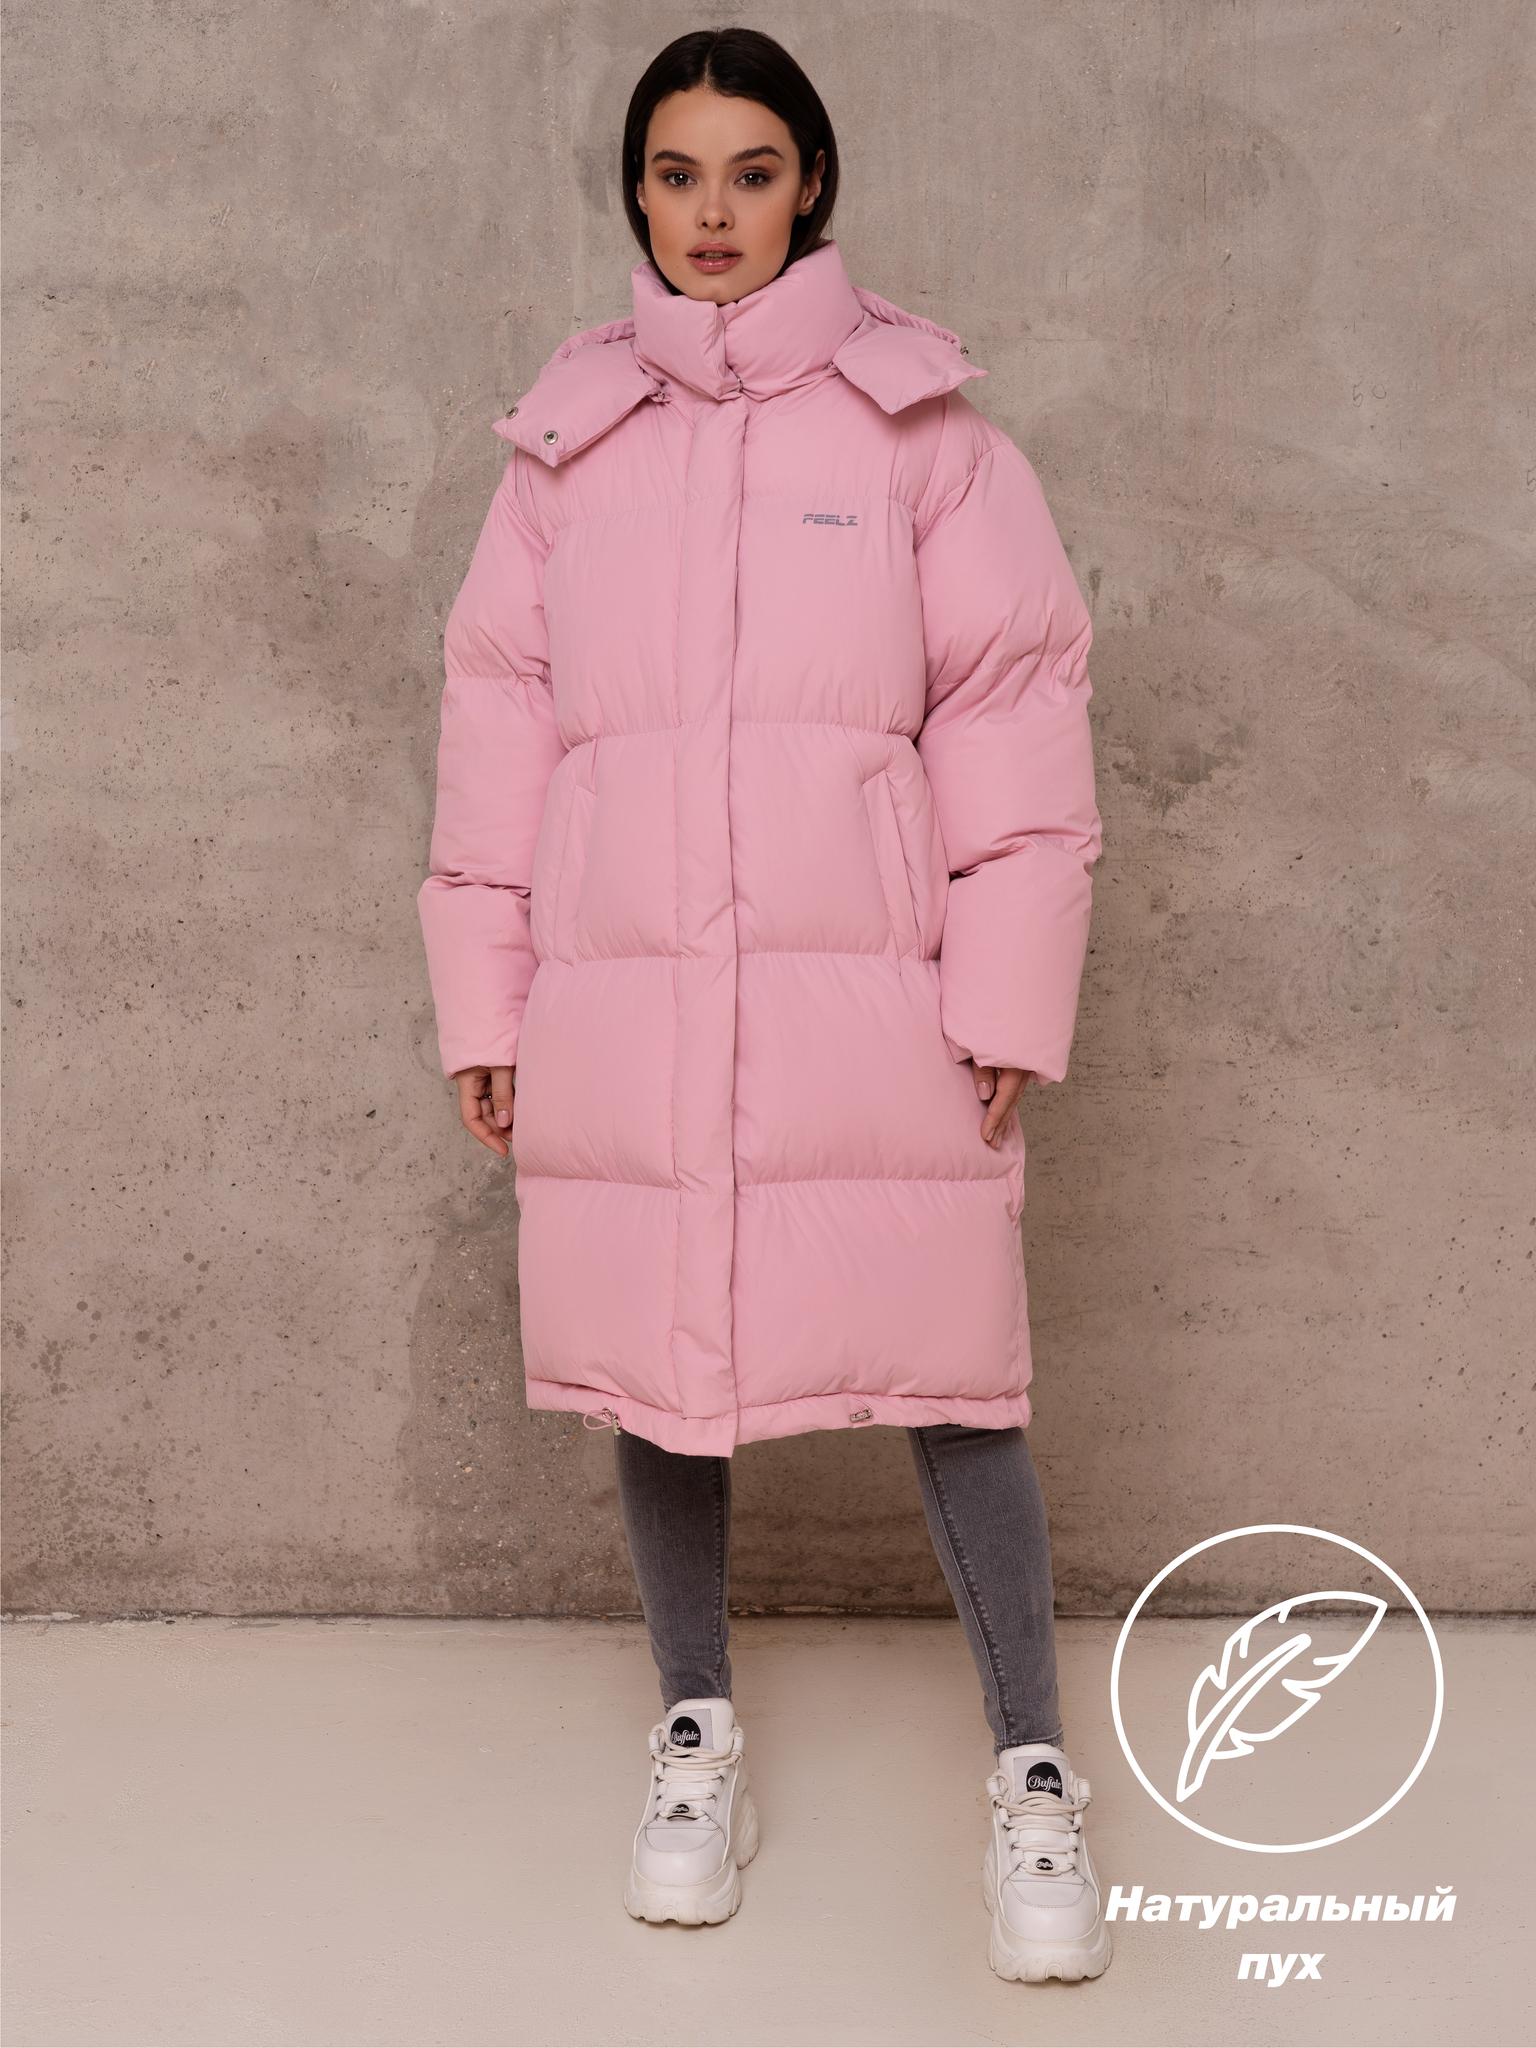 Куртка пуховик Feelz Edge, Розовый